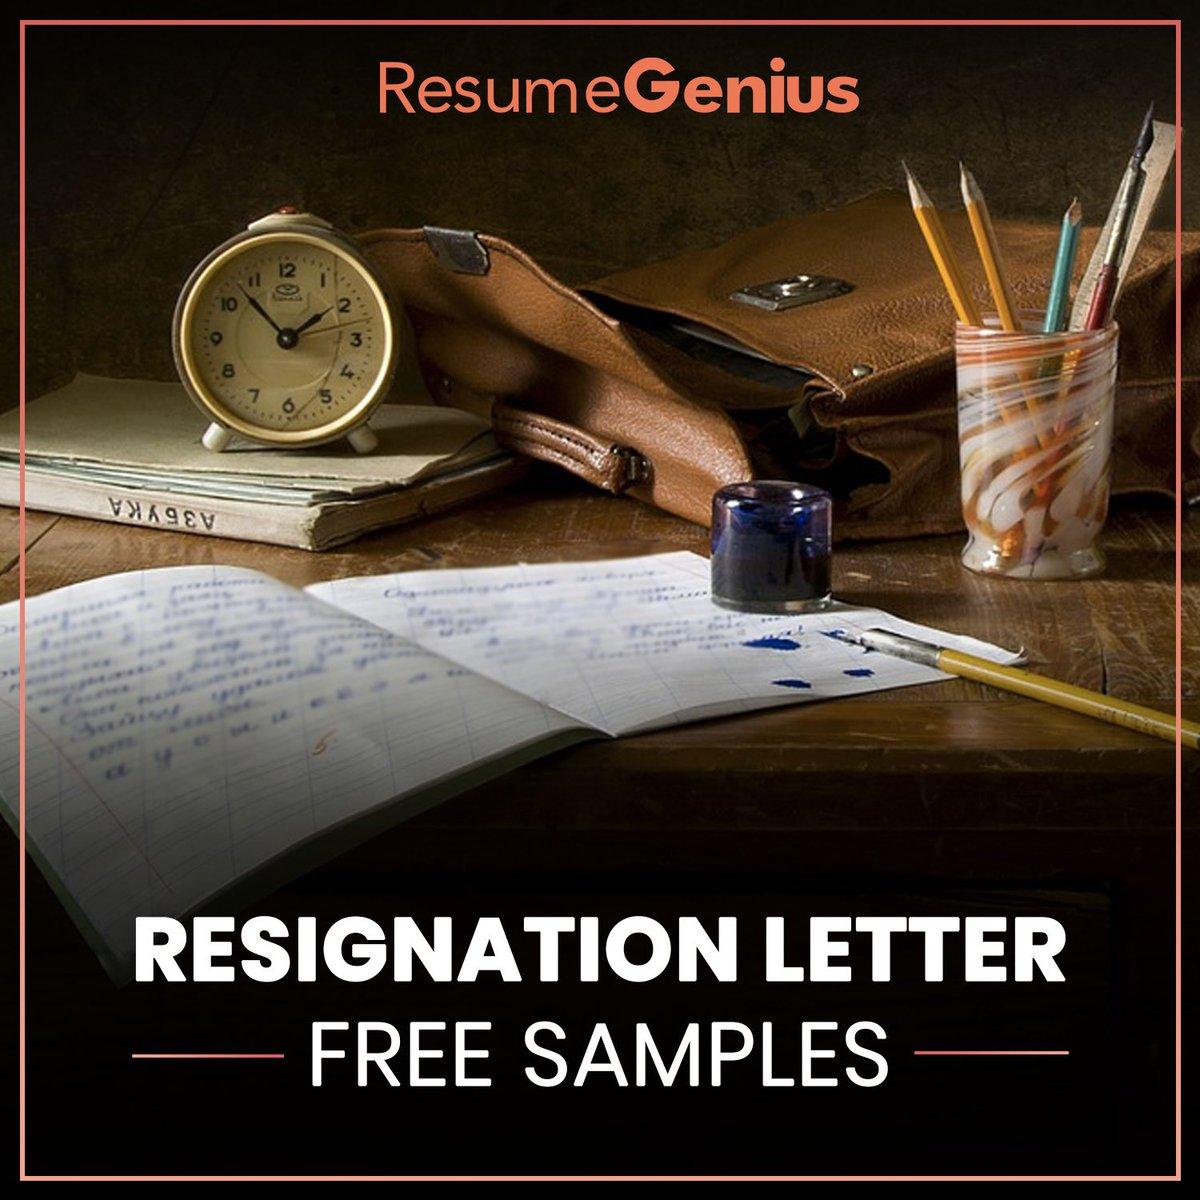 Resume Genius Theresumegenius Twitter